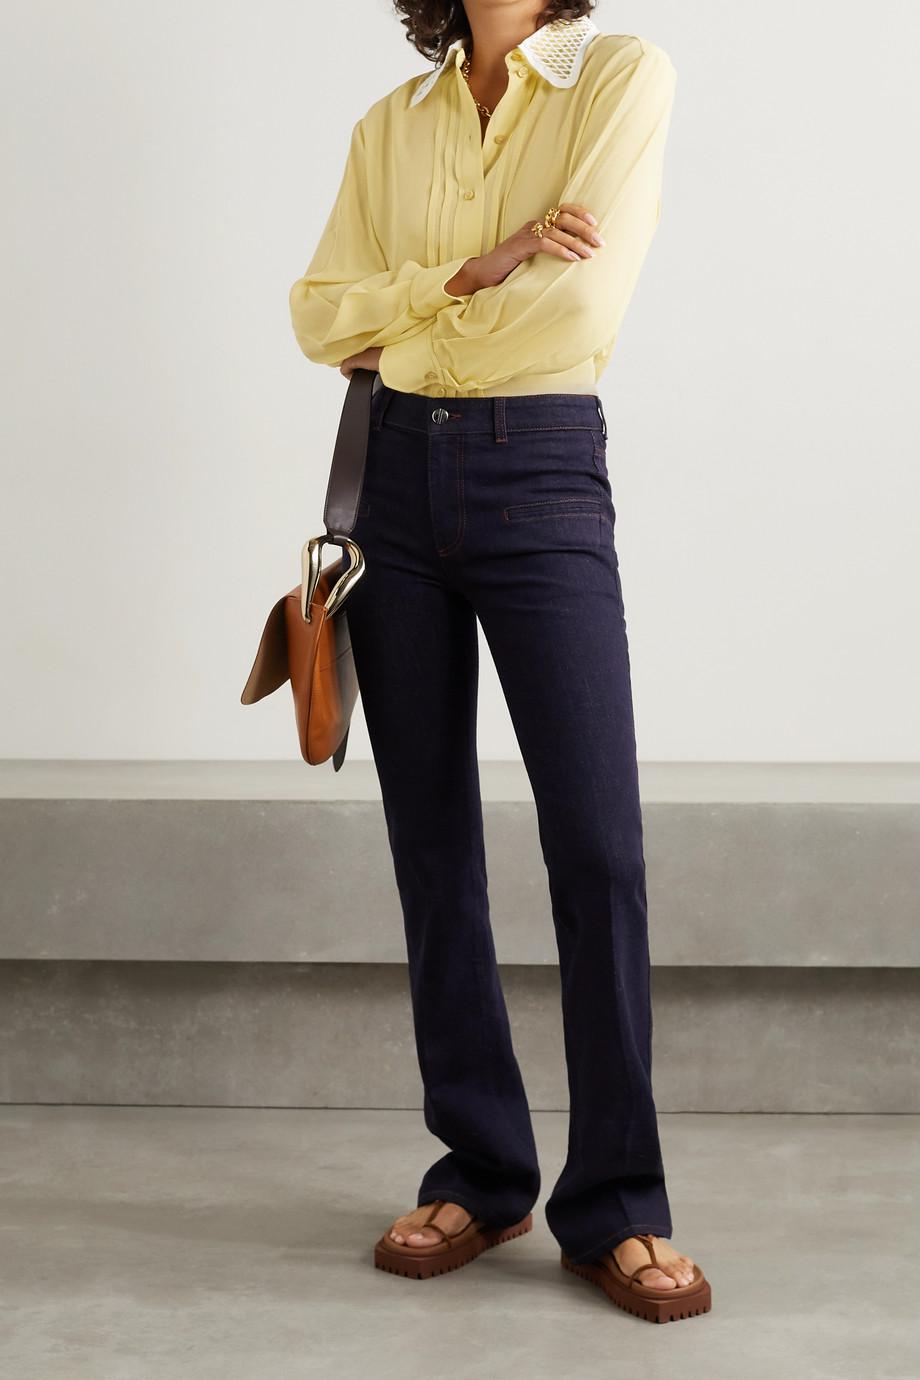 Chloé Crochet-trimmed georgette blouse